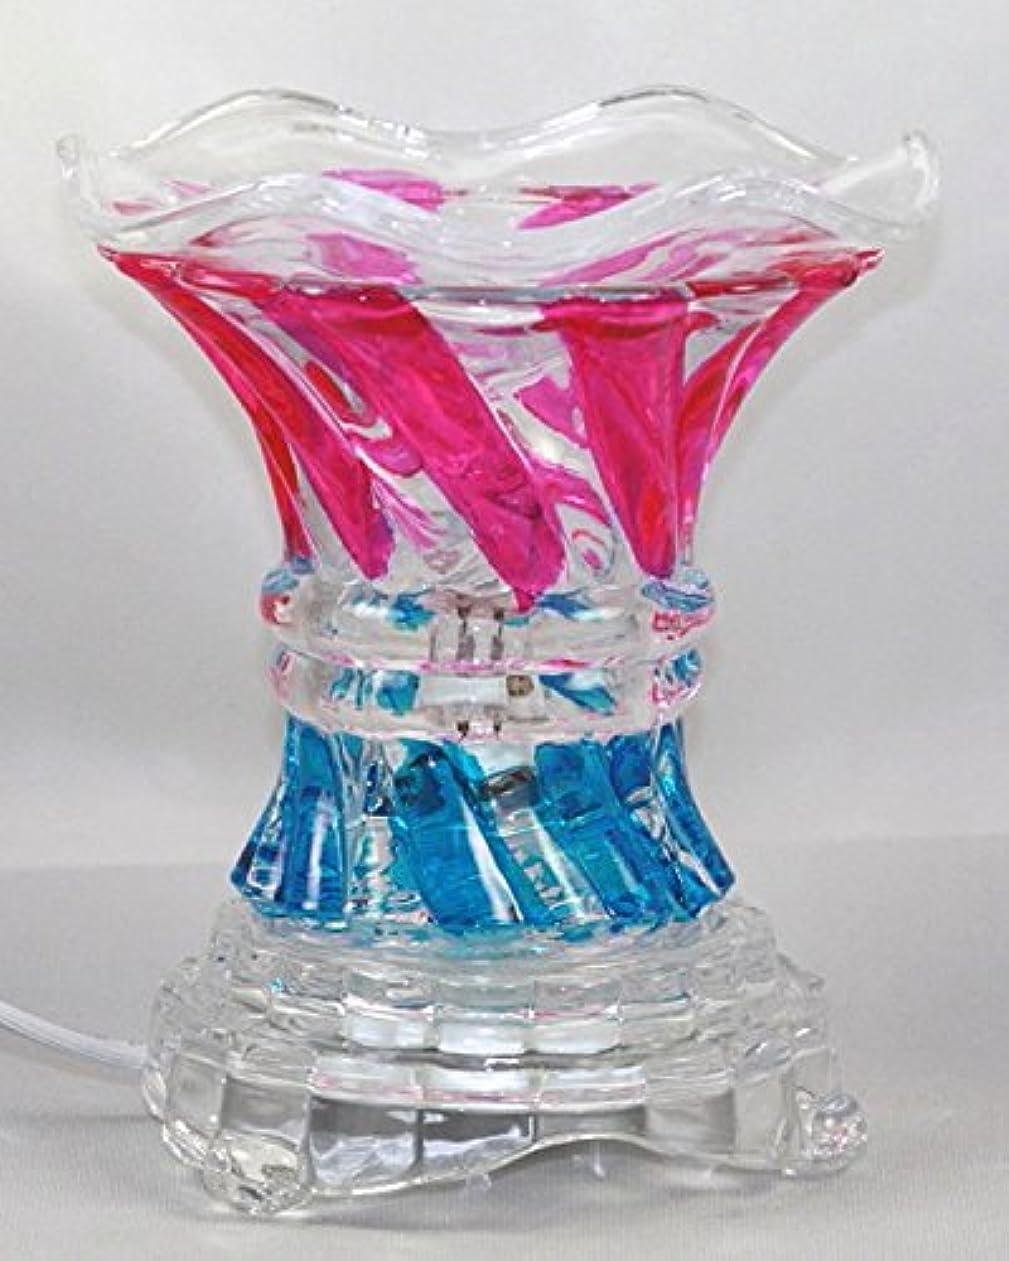 アラブサラボアルファベット順損なうマルチカラー( es237 ) ElectricガラスフレグランスScented Oil Warmer ( Burner / Warmer /ランプ) withディマースイッチピンクブルー